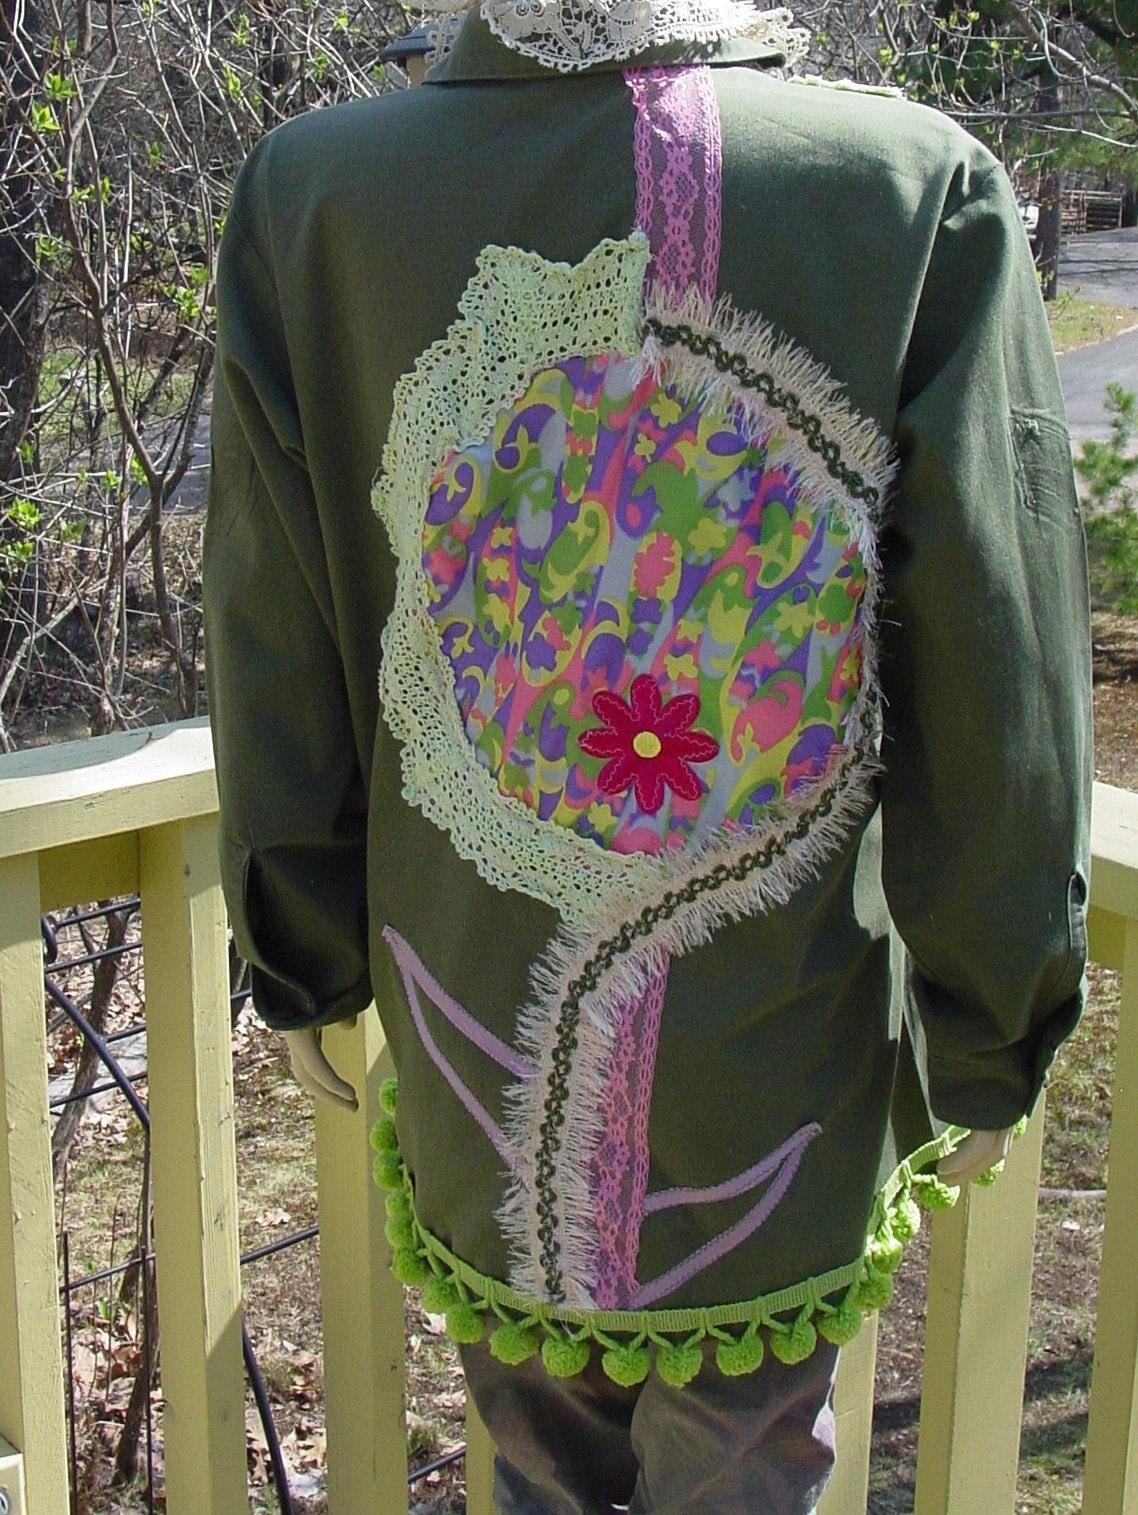 alerted OOAK vintage military jacket by recycled artist C.Reinke. FLOWER POWER